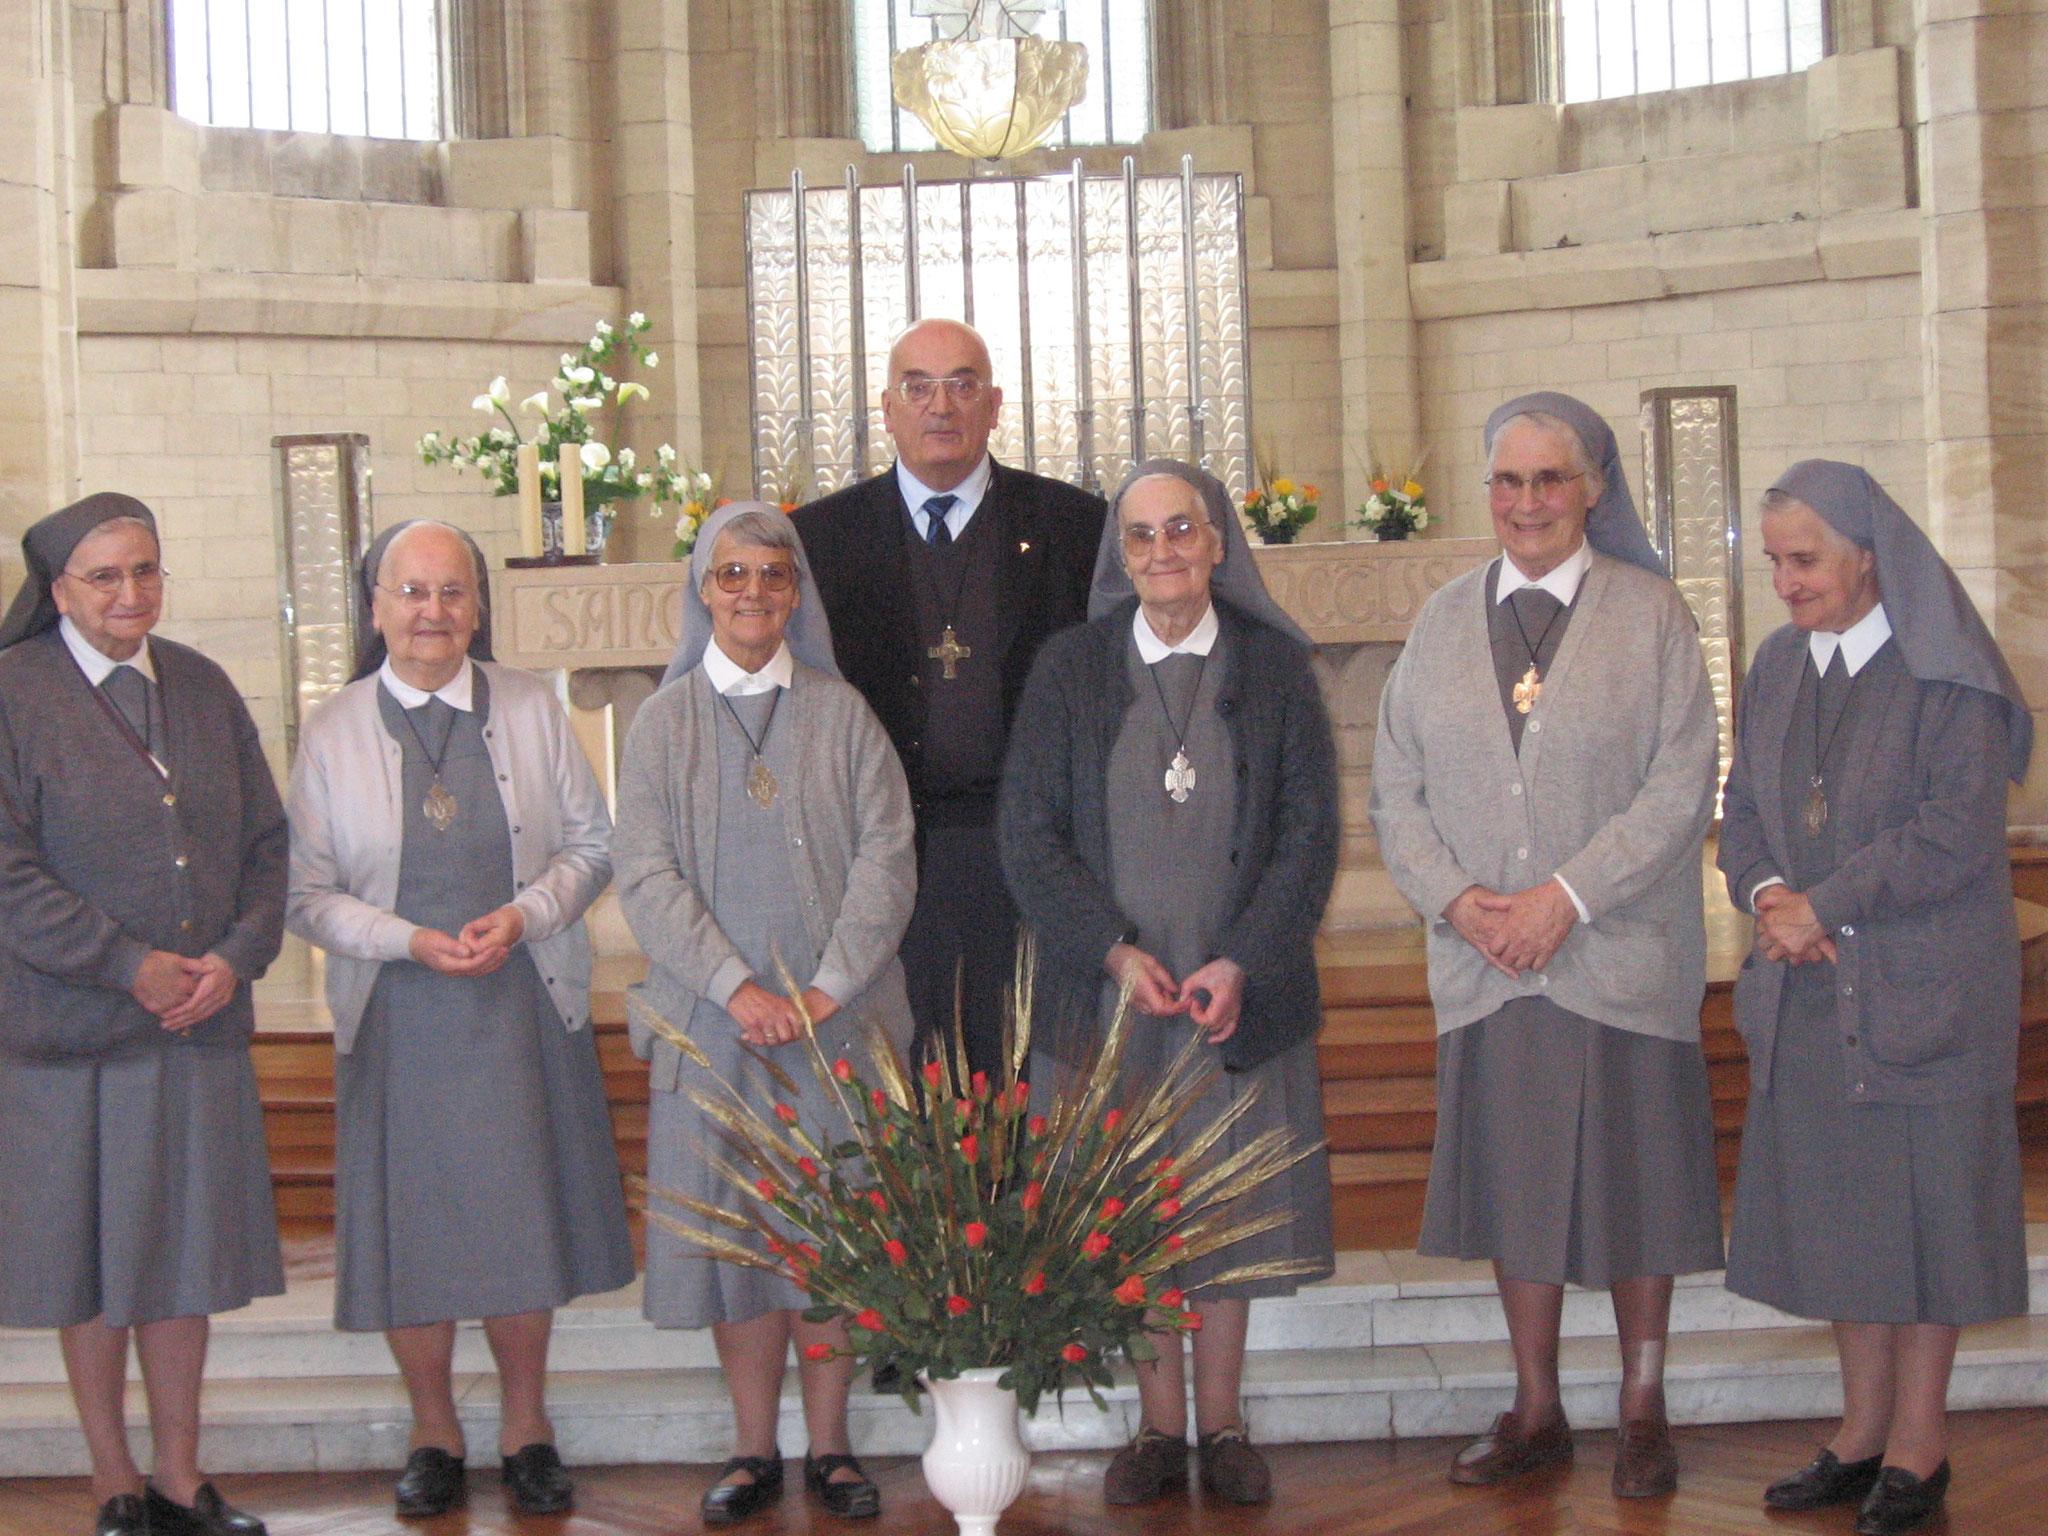 2006 : fêtons les jubilaires ! en présence de Mgr Pican, évêque du diocèse de Bayeux et Lisieux